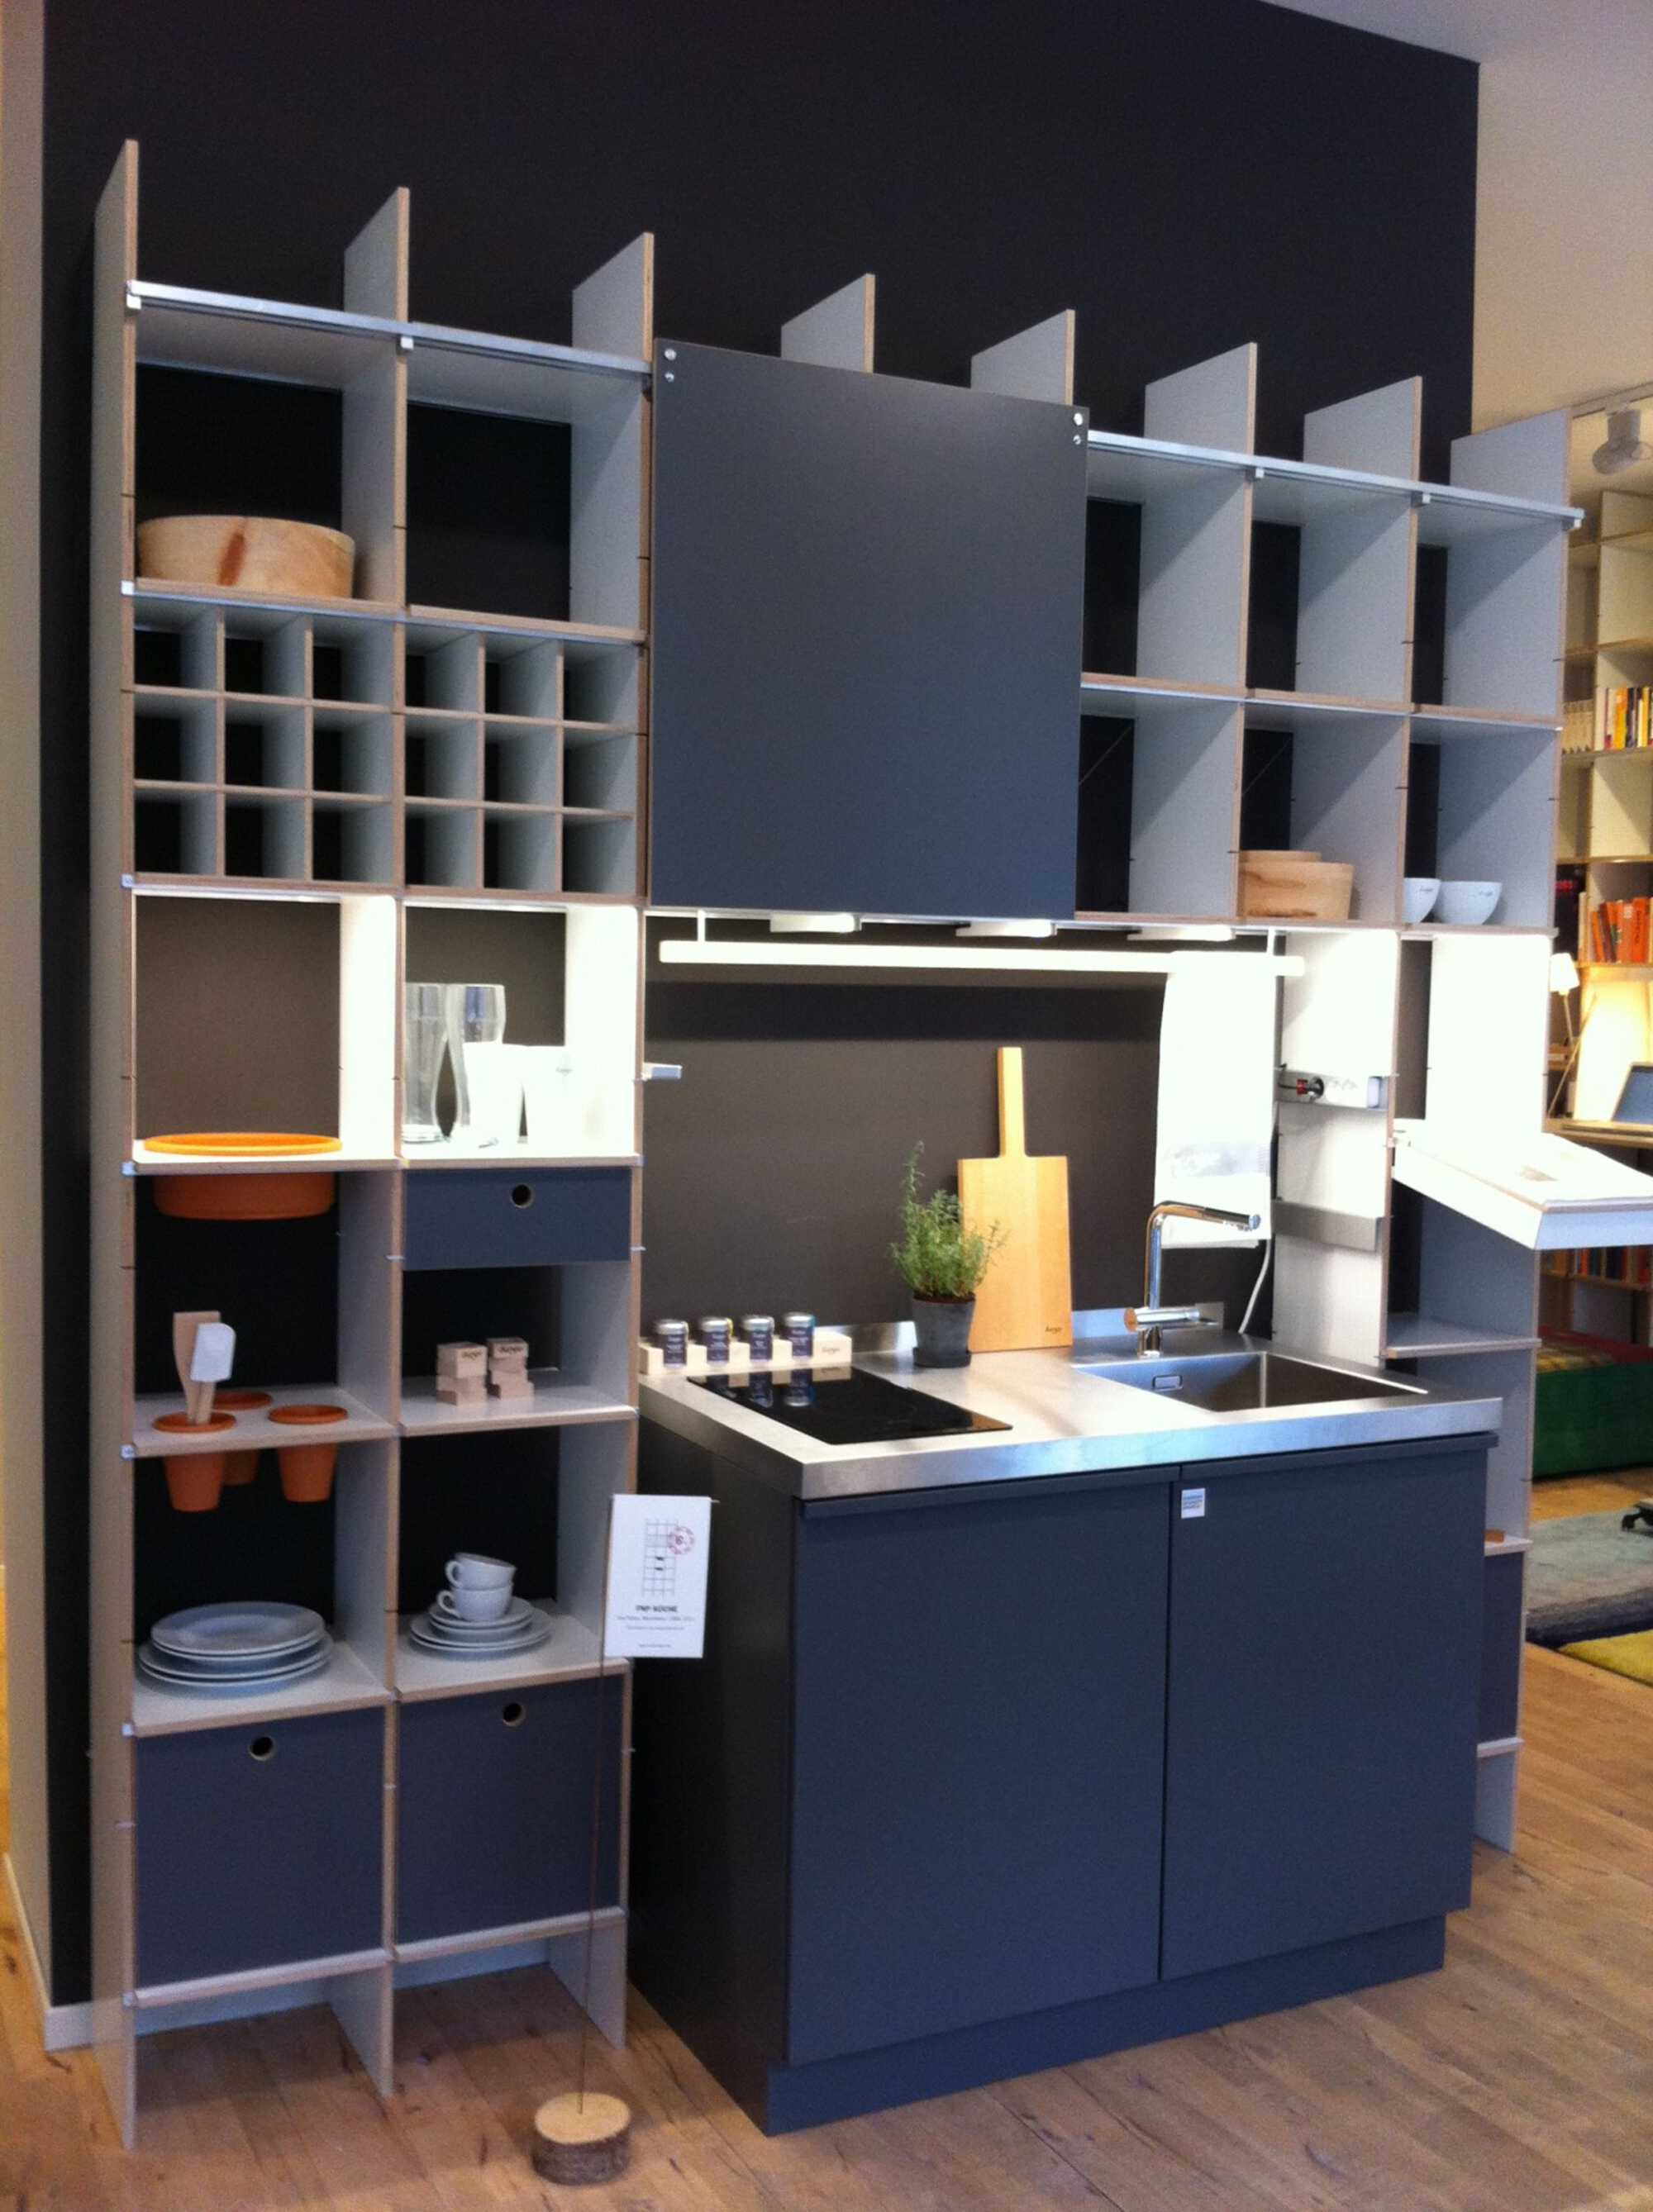 m beldesign raumfavorit. Black Bedroom Furniture Sets. Home Design Ideas